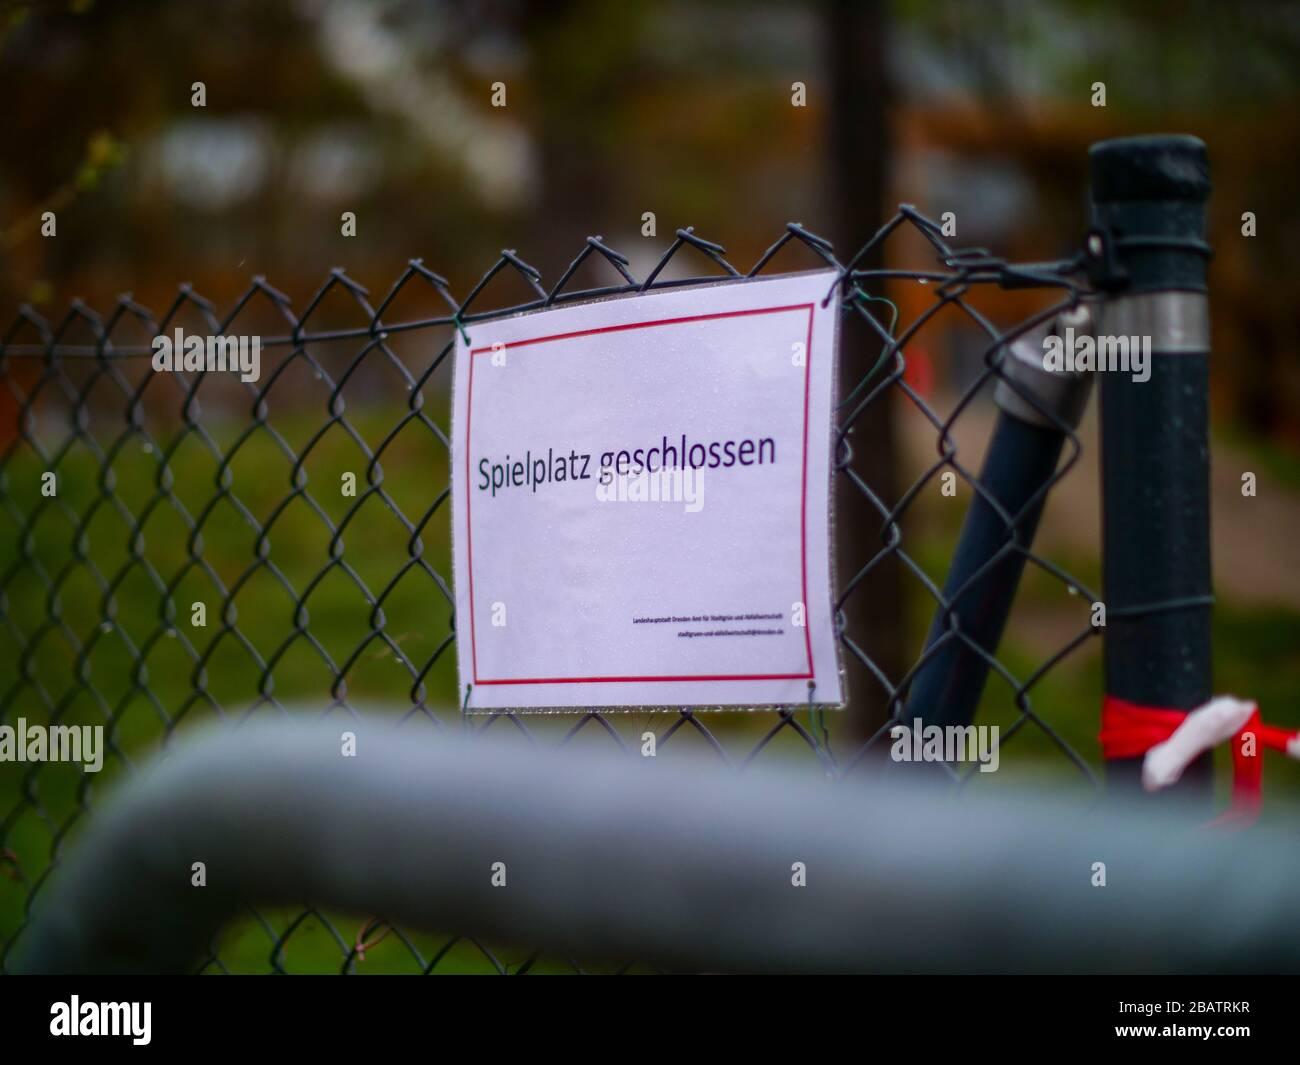 Spielplatz geschlossen wegen Coronavirus Lockdown Ausgangssperre Stockfoto